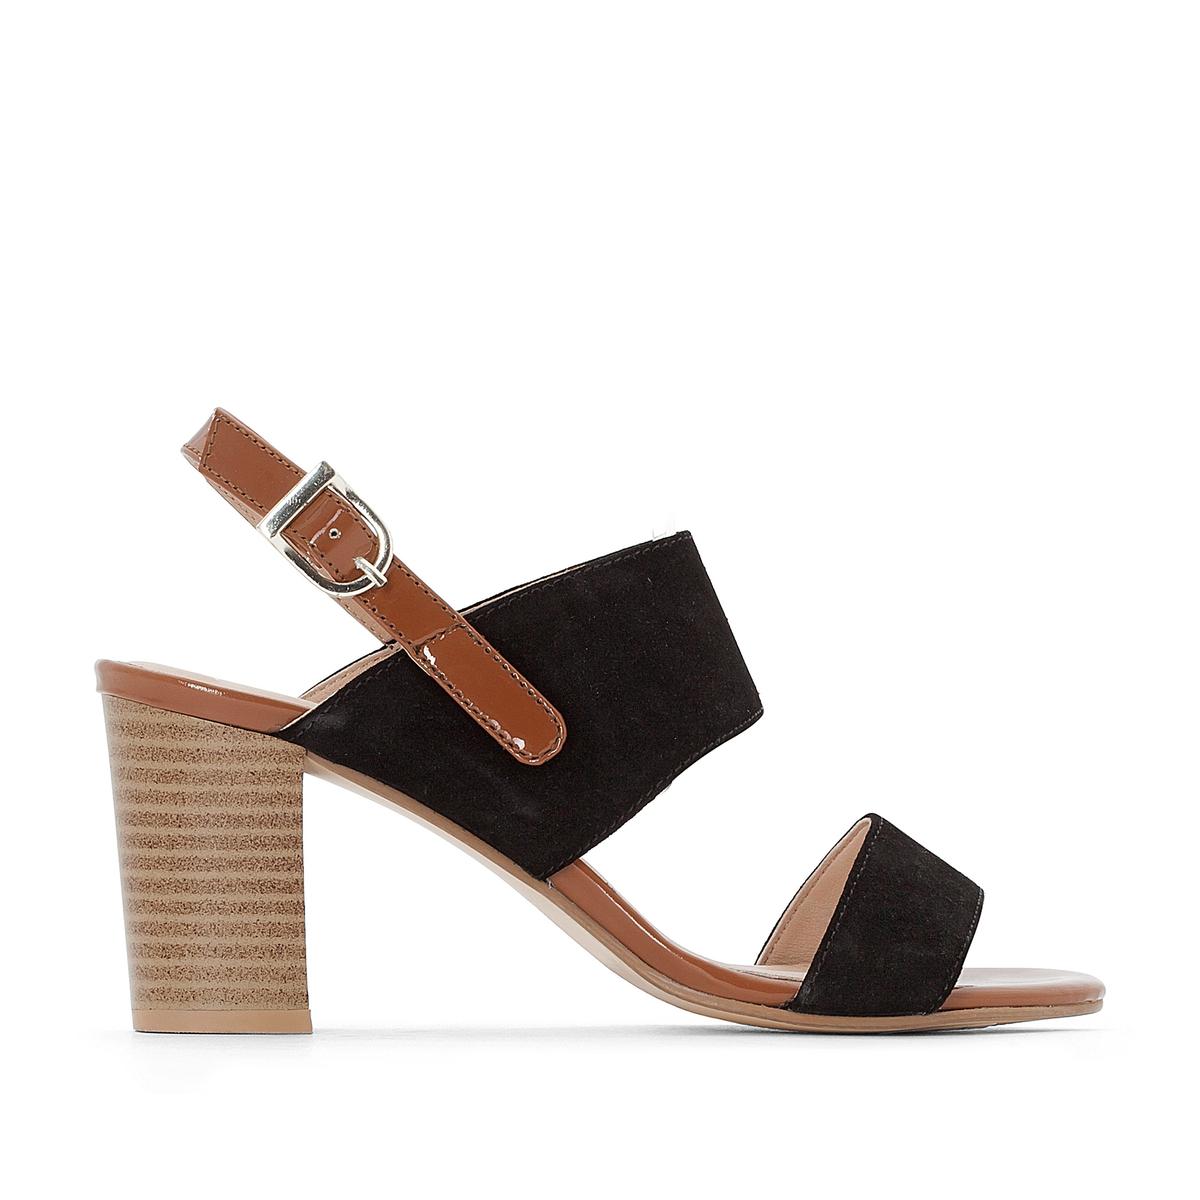 Босоножки кожаные на высоком каблукеВерх : кожа   Подкладка : кожа   Стелька : кожа   Подошва : эластомер   Высота каблука : 9 см   Форма каблука : высокий   Мысок : открытый   Застежка : ремешок с пряжкой<br><br>Цвет: черный<br>Размер: 42